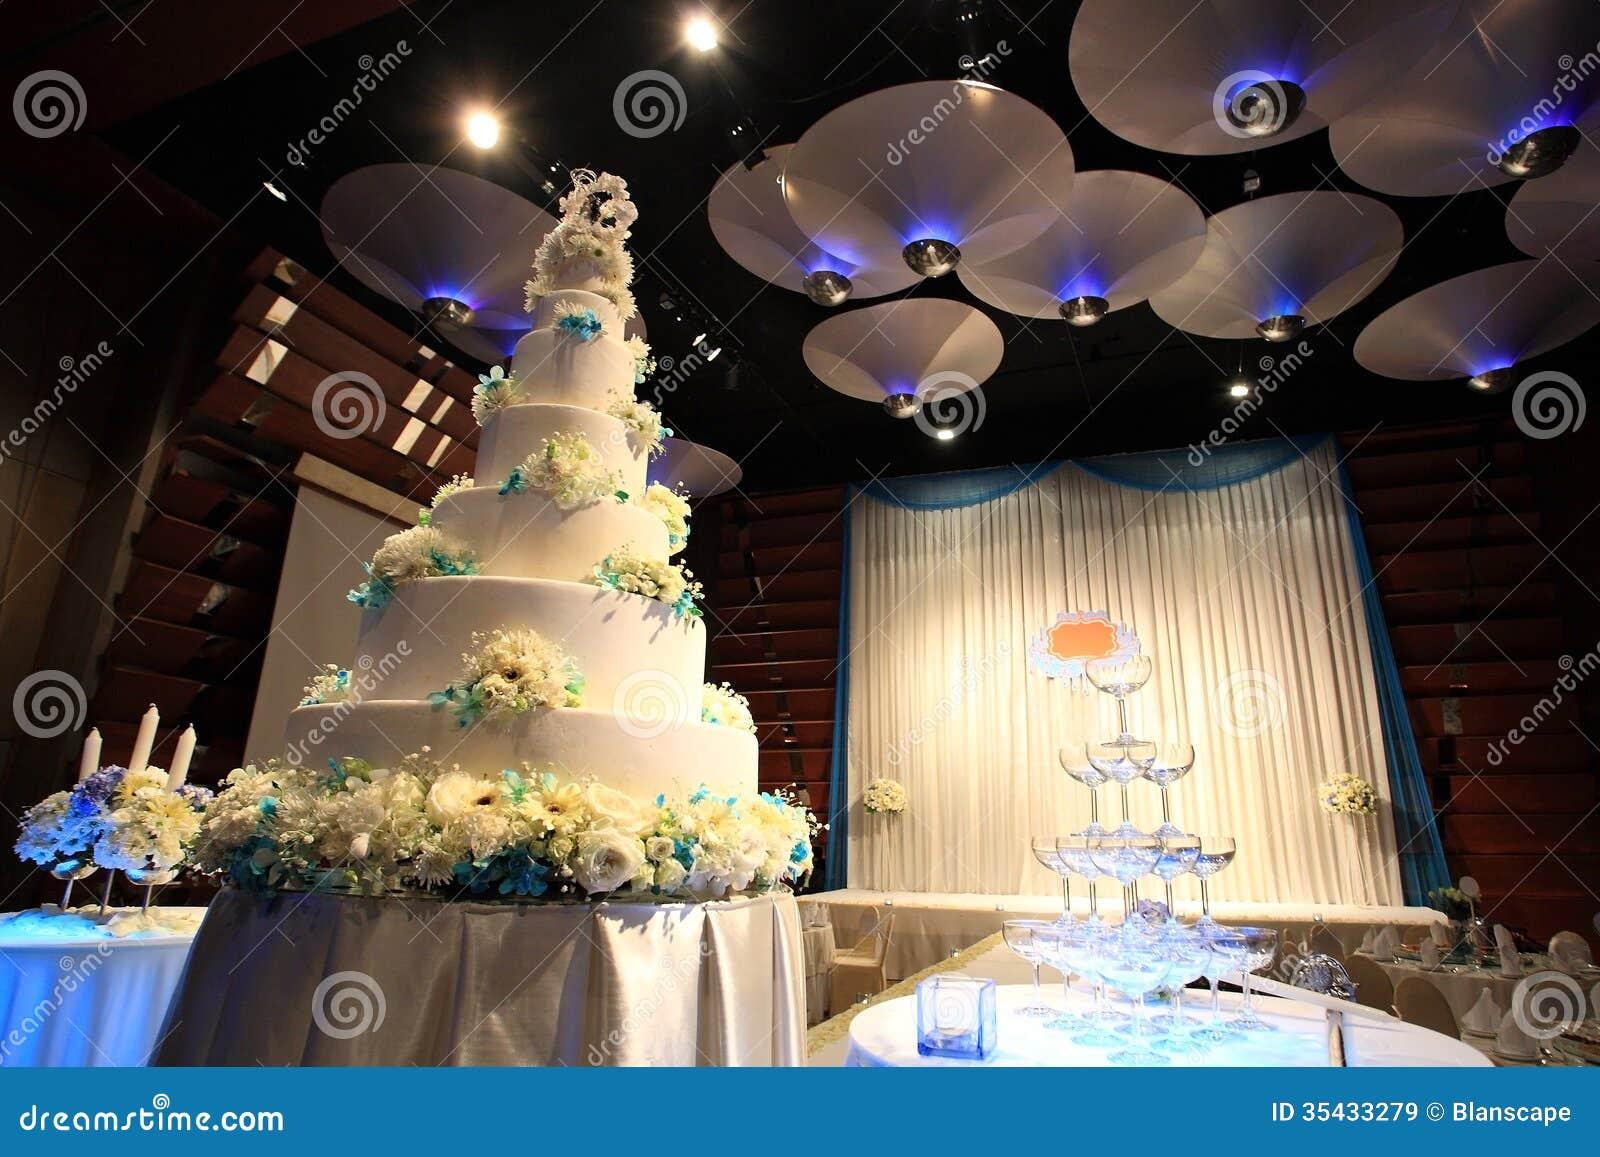 Wedding cake reception party stock image image of champagne love wedding cake reception party junglespirit Images